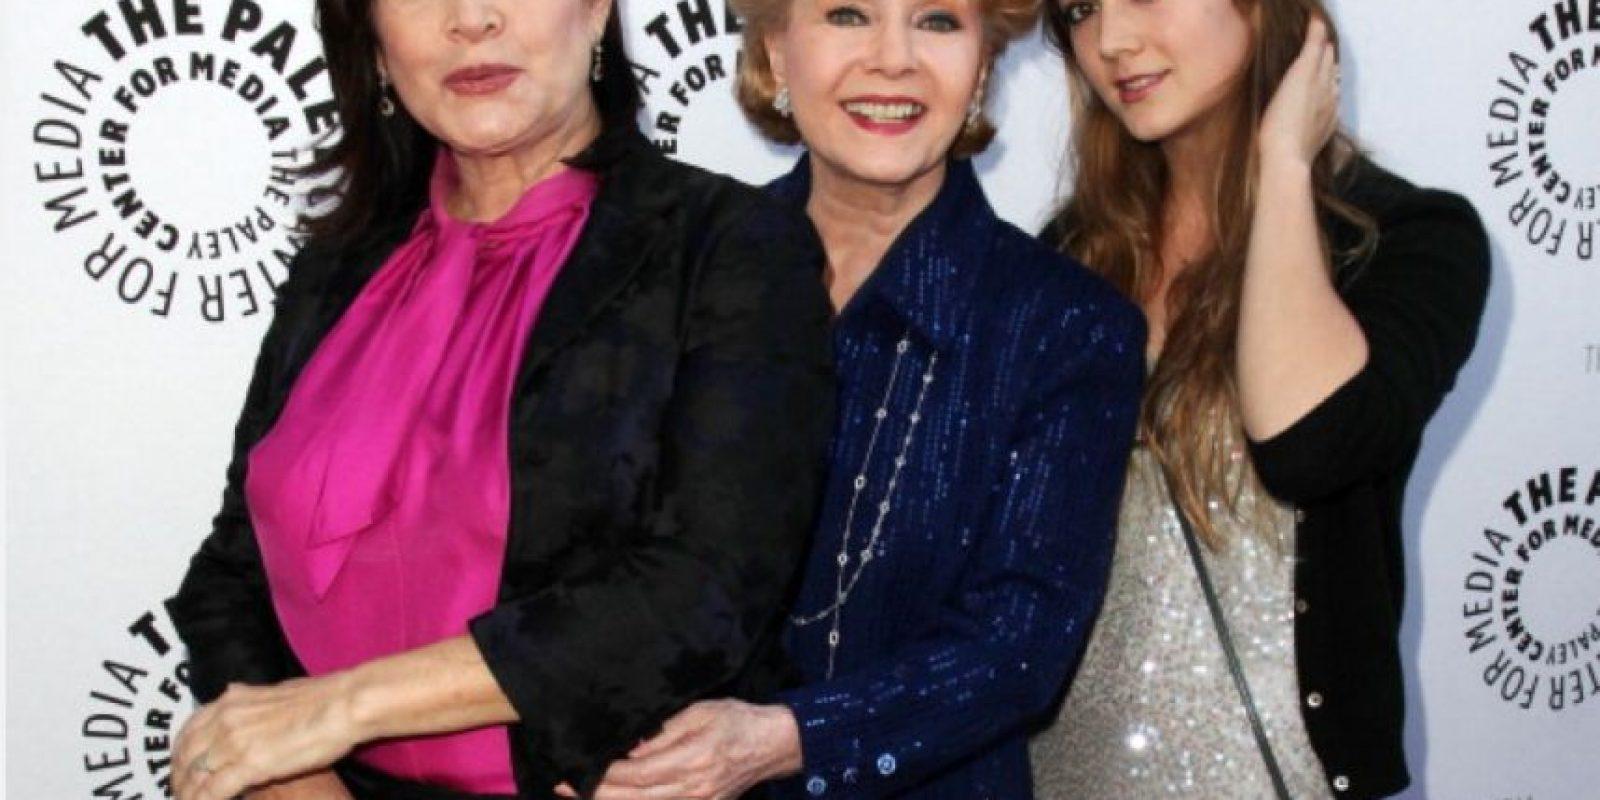 Es nieta de Debbie Reynolds, actriz legendaria de Hollywood, exesposa de Eddie Fisher, quien la dejó por Elizabeth Taylor. Foto:vía Getty Images. Imagen Por: